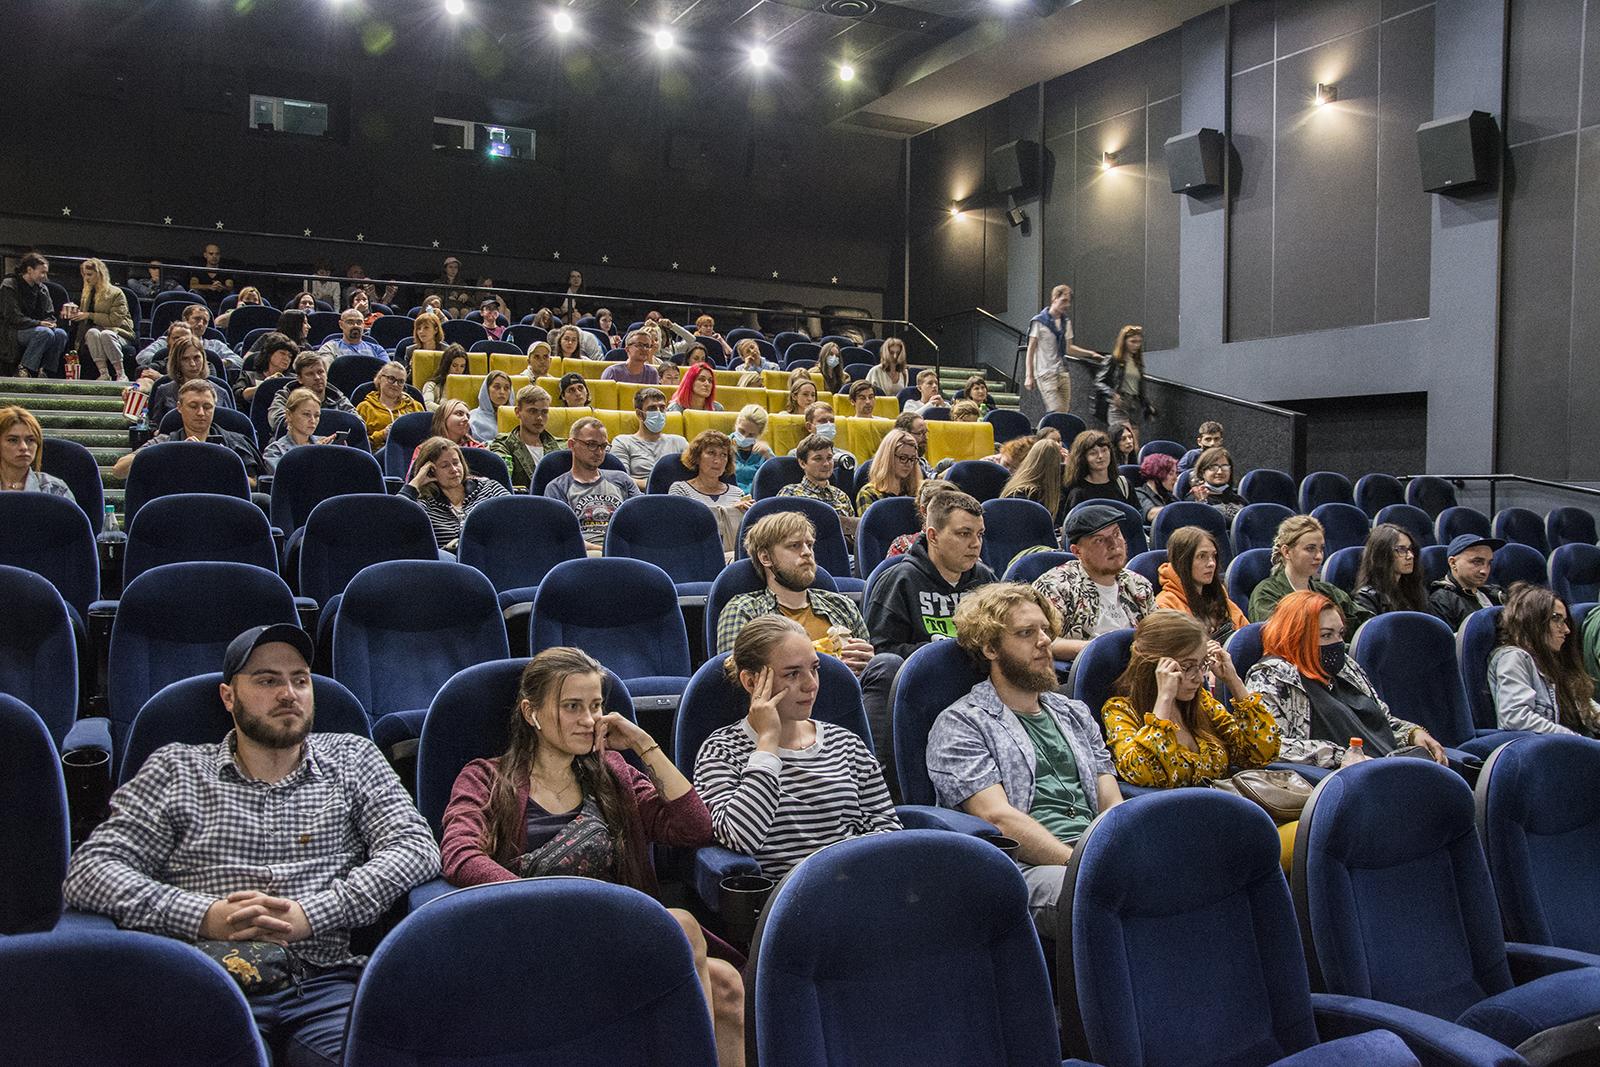 Город-лидер по количеству зрителей: николаевцам показали отреставрированный фильм «Пролетая над гнездом кукушки»